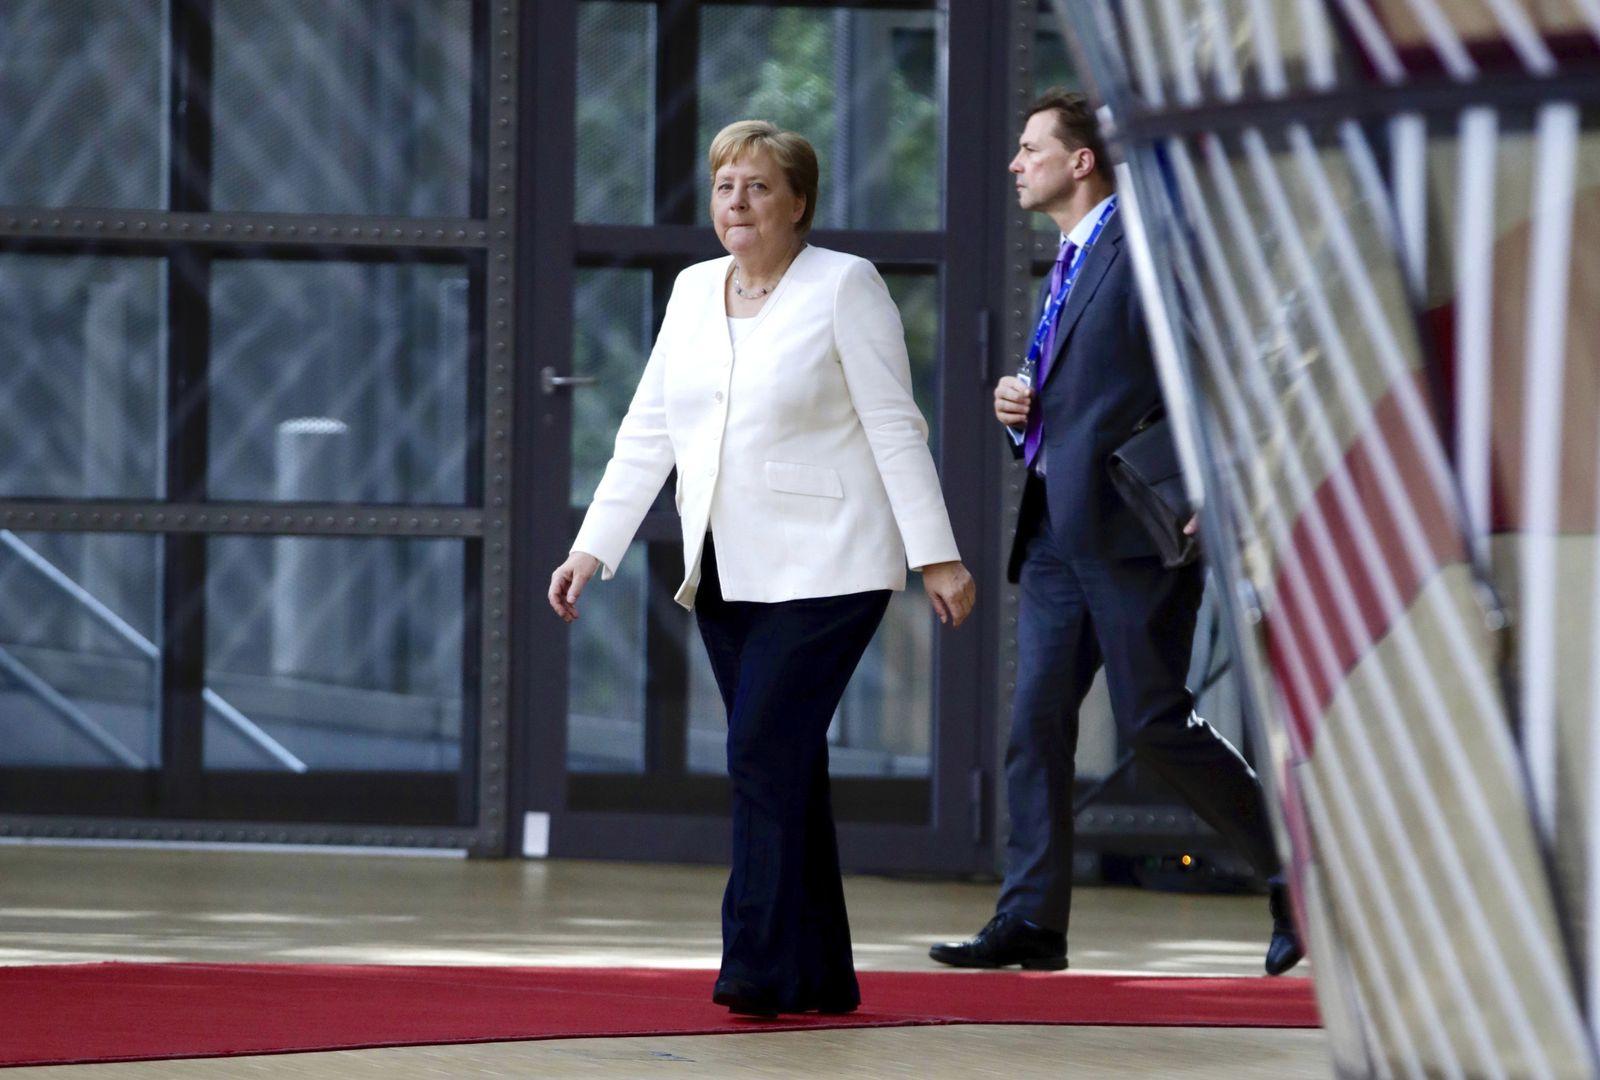 Merkel EU Summit